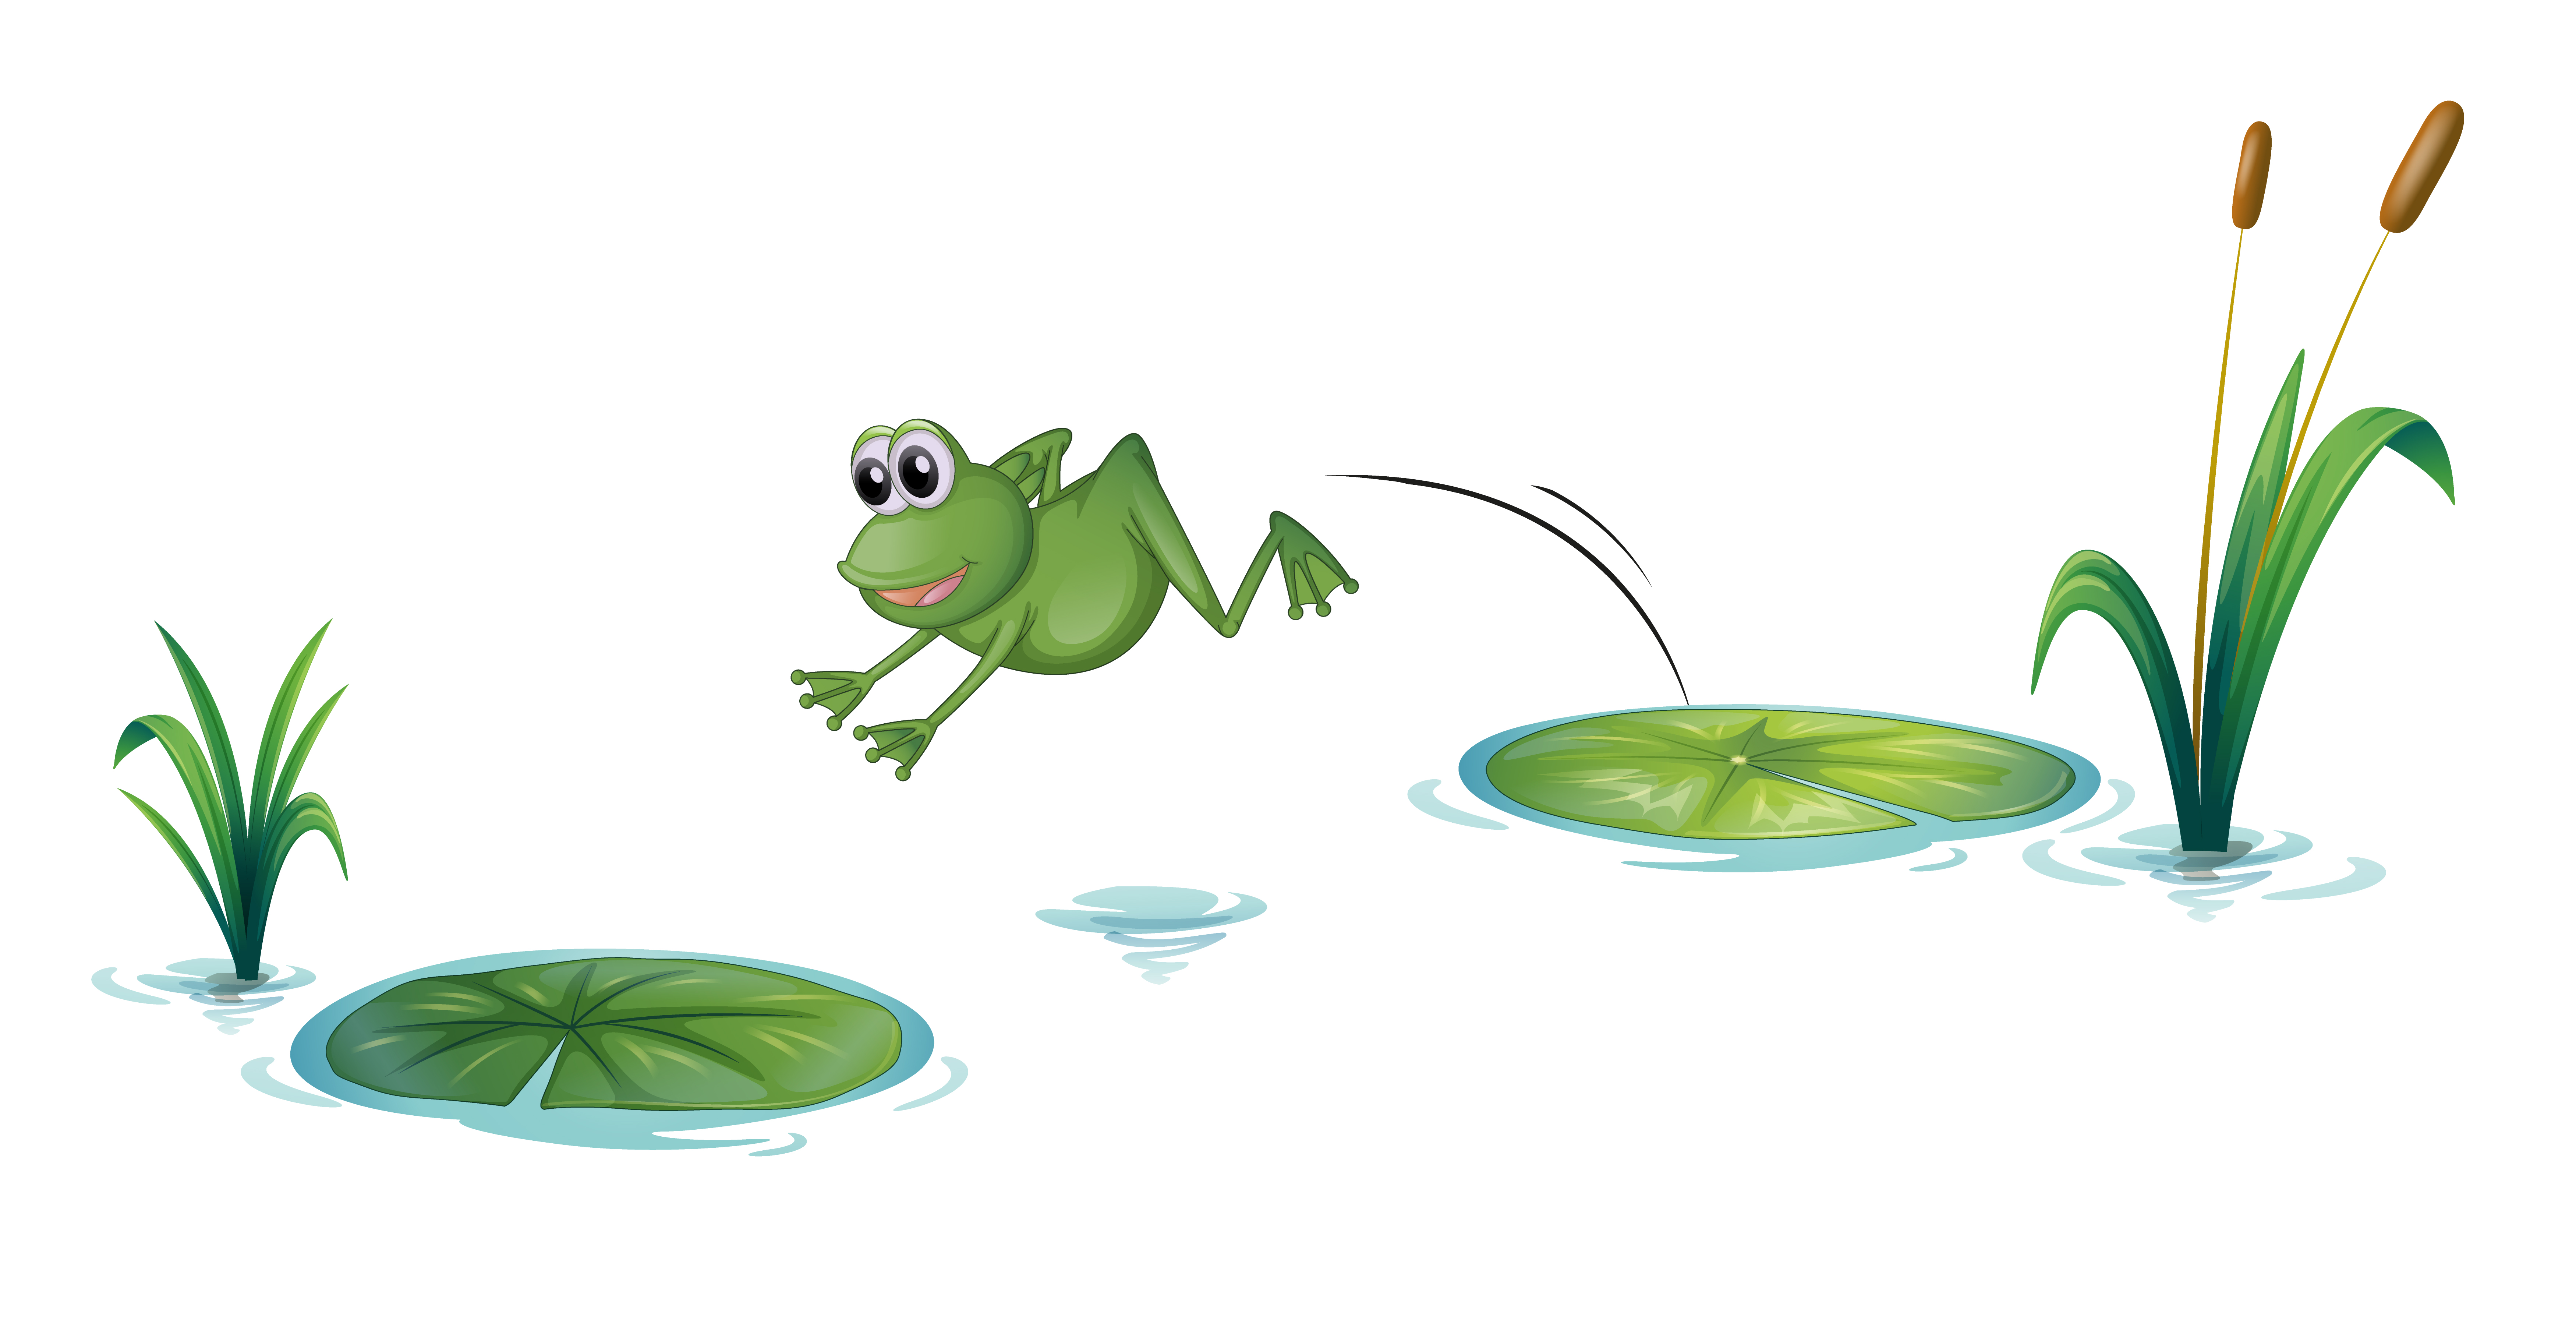 Frosch bilder kostenlos